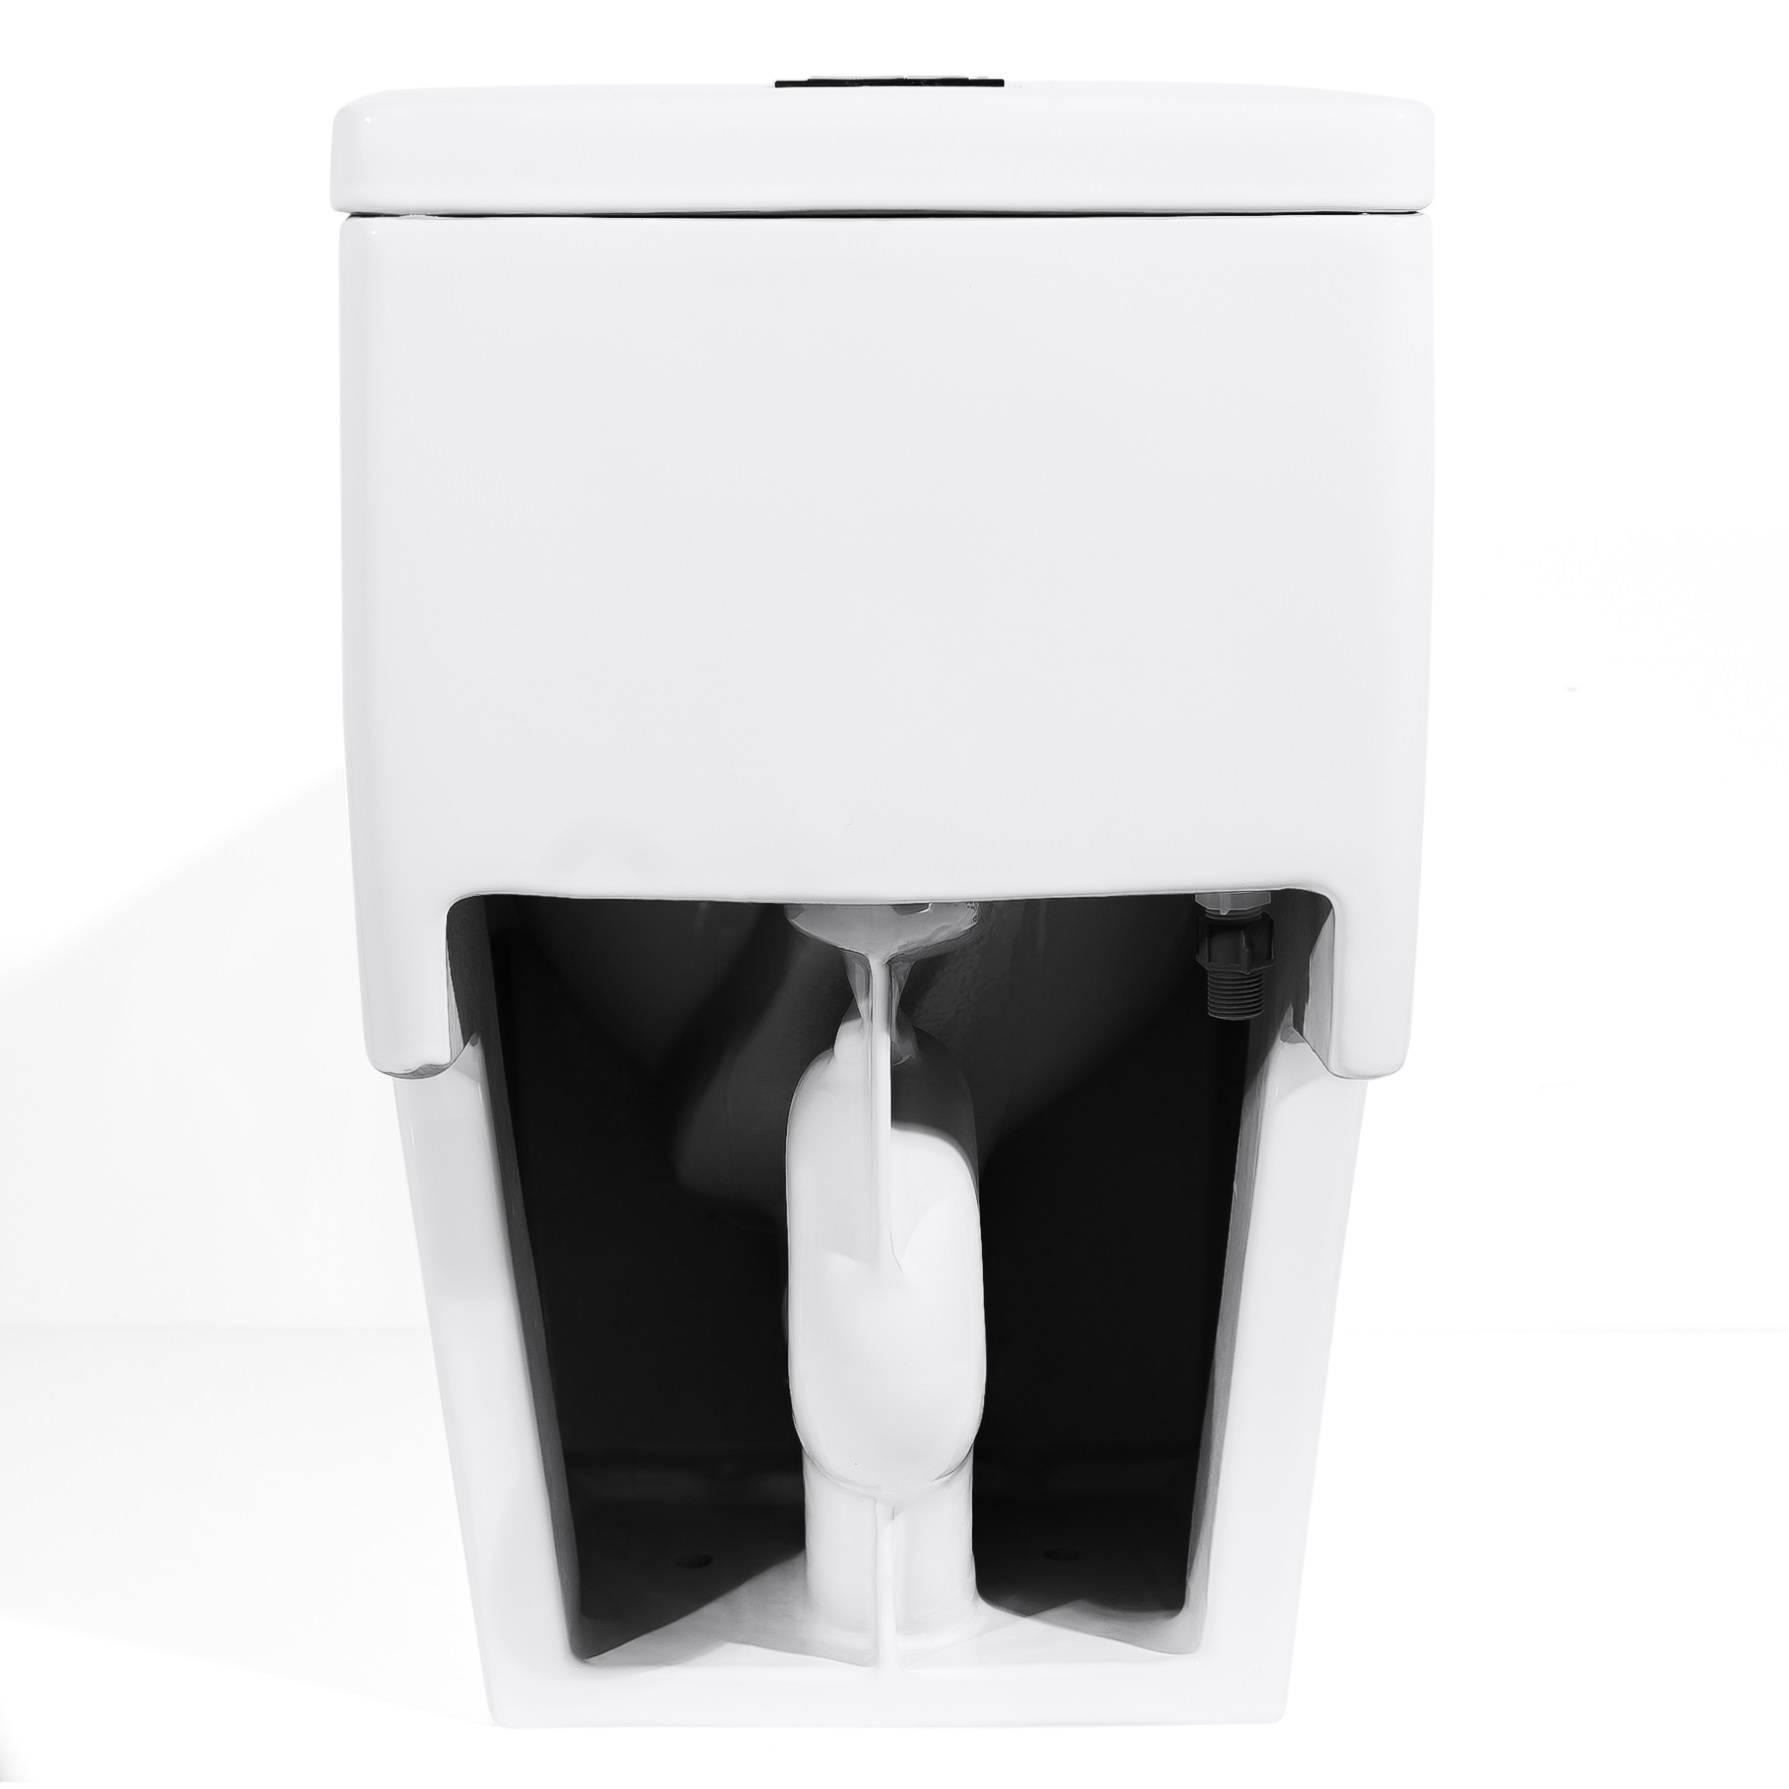 水鹿卫浴-马桶-普通马桶-水鹿优选狂暴小旋风马桶——超强冲洗力,后空设计易清洁